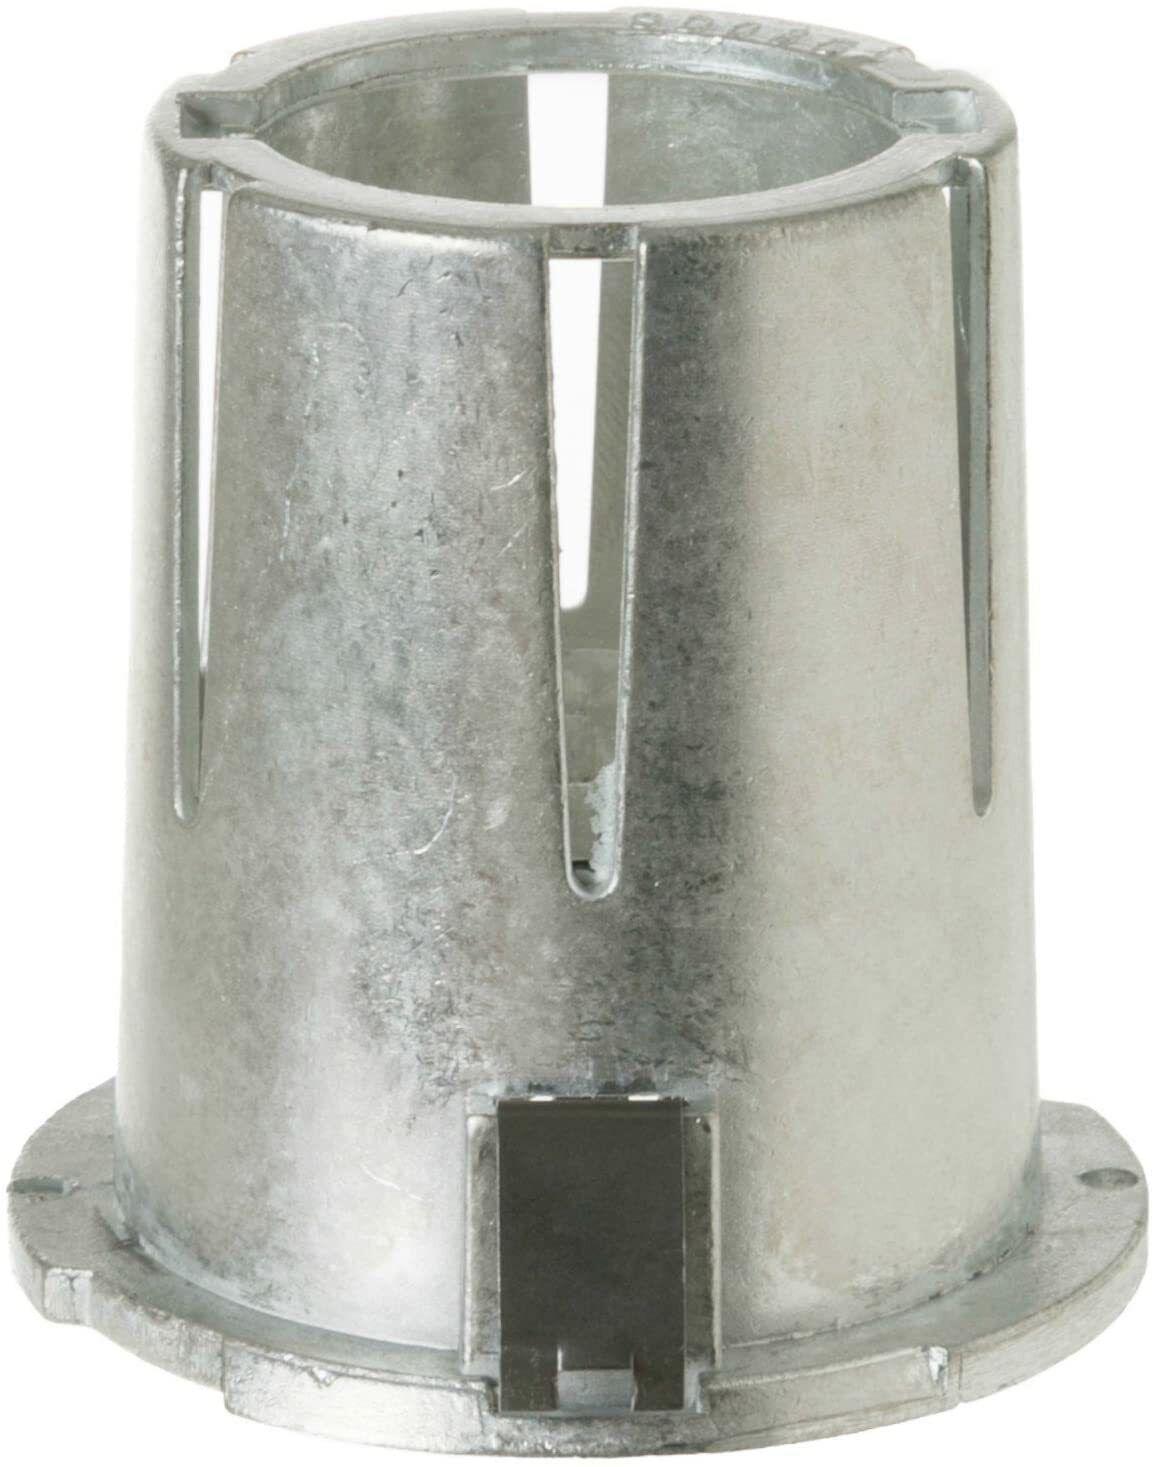 Details about  /Genuine GE Range Hood Lampholder WB08X10030